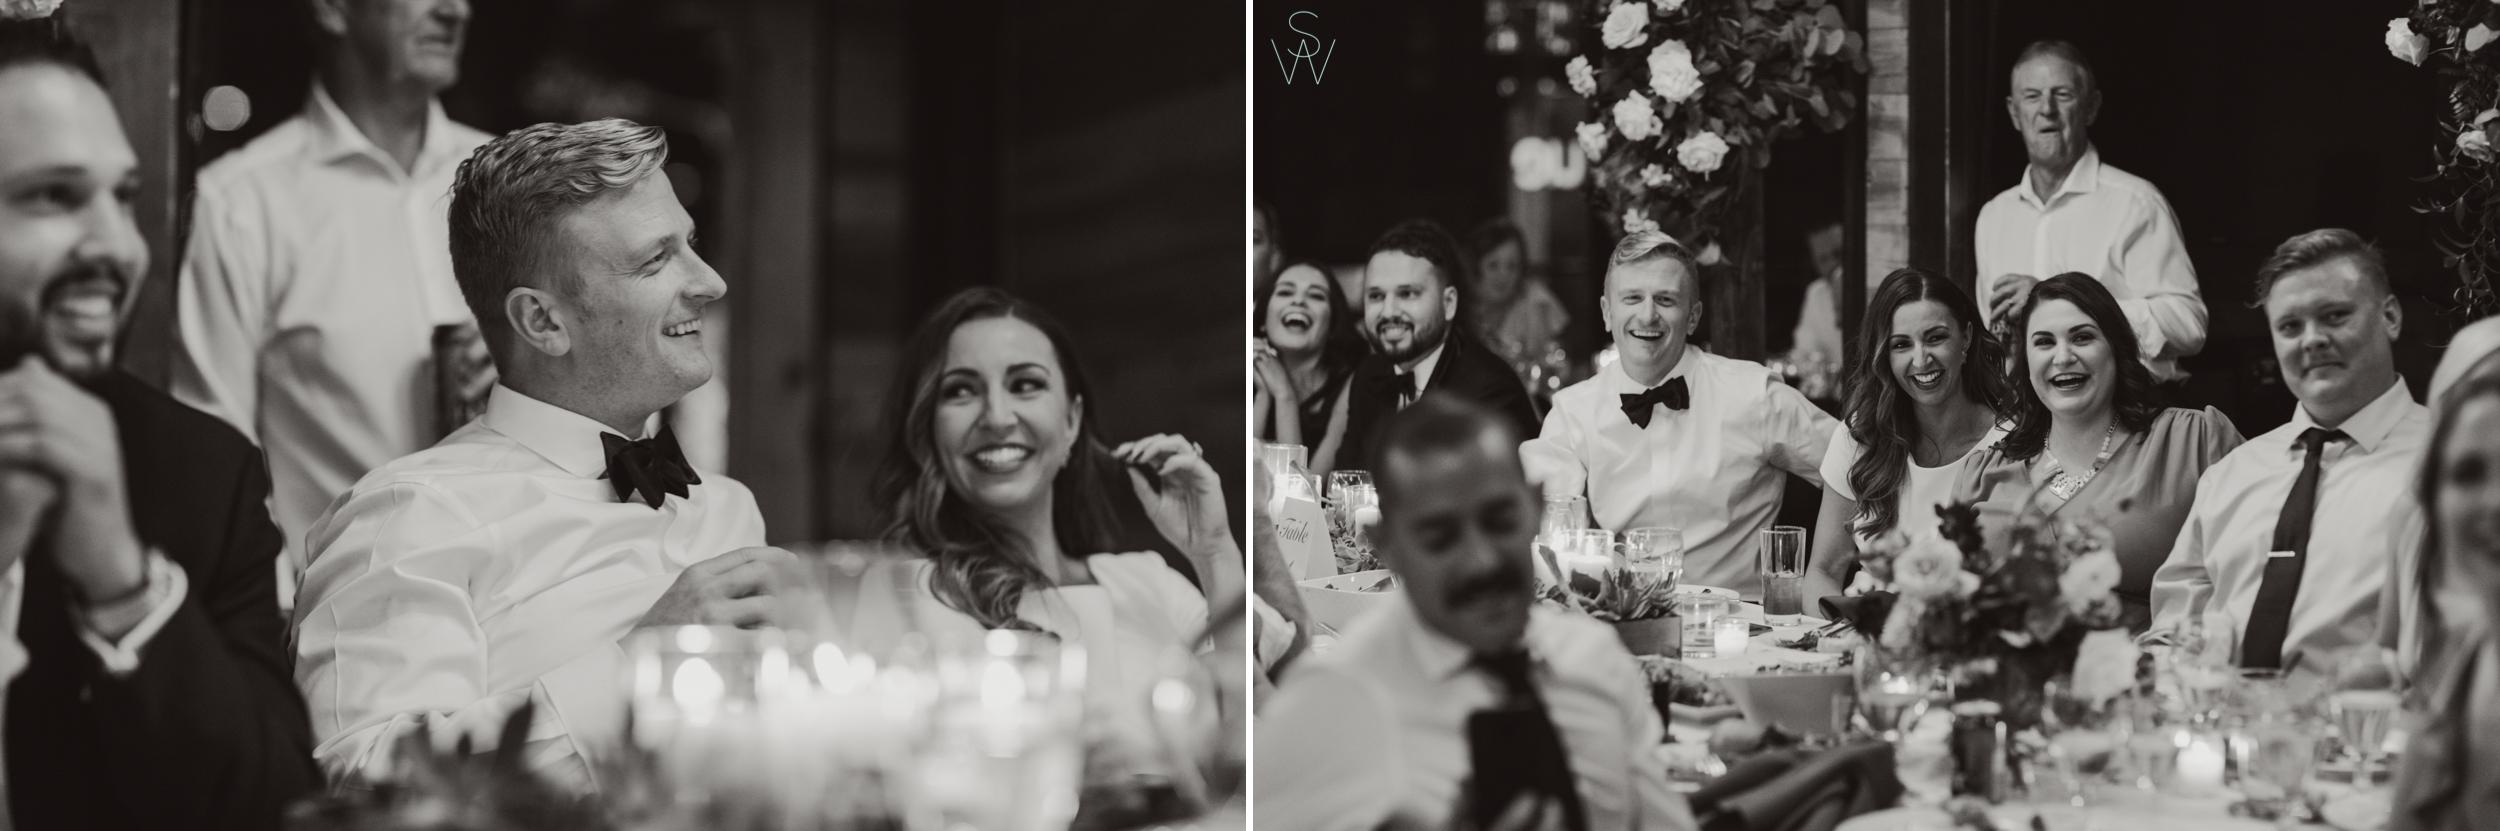 176THE.UNDERGROUND.ELEPHANT.wedding.photography.shewanders.JPG